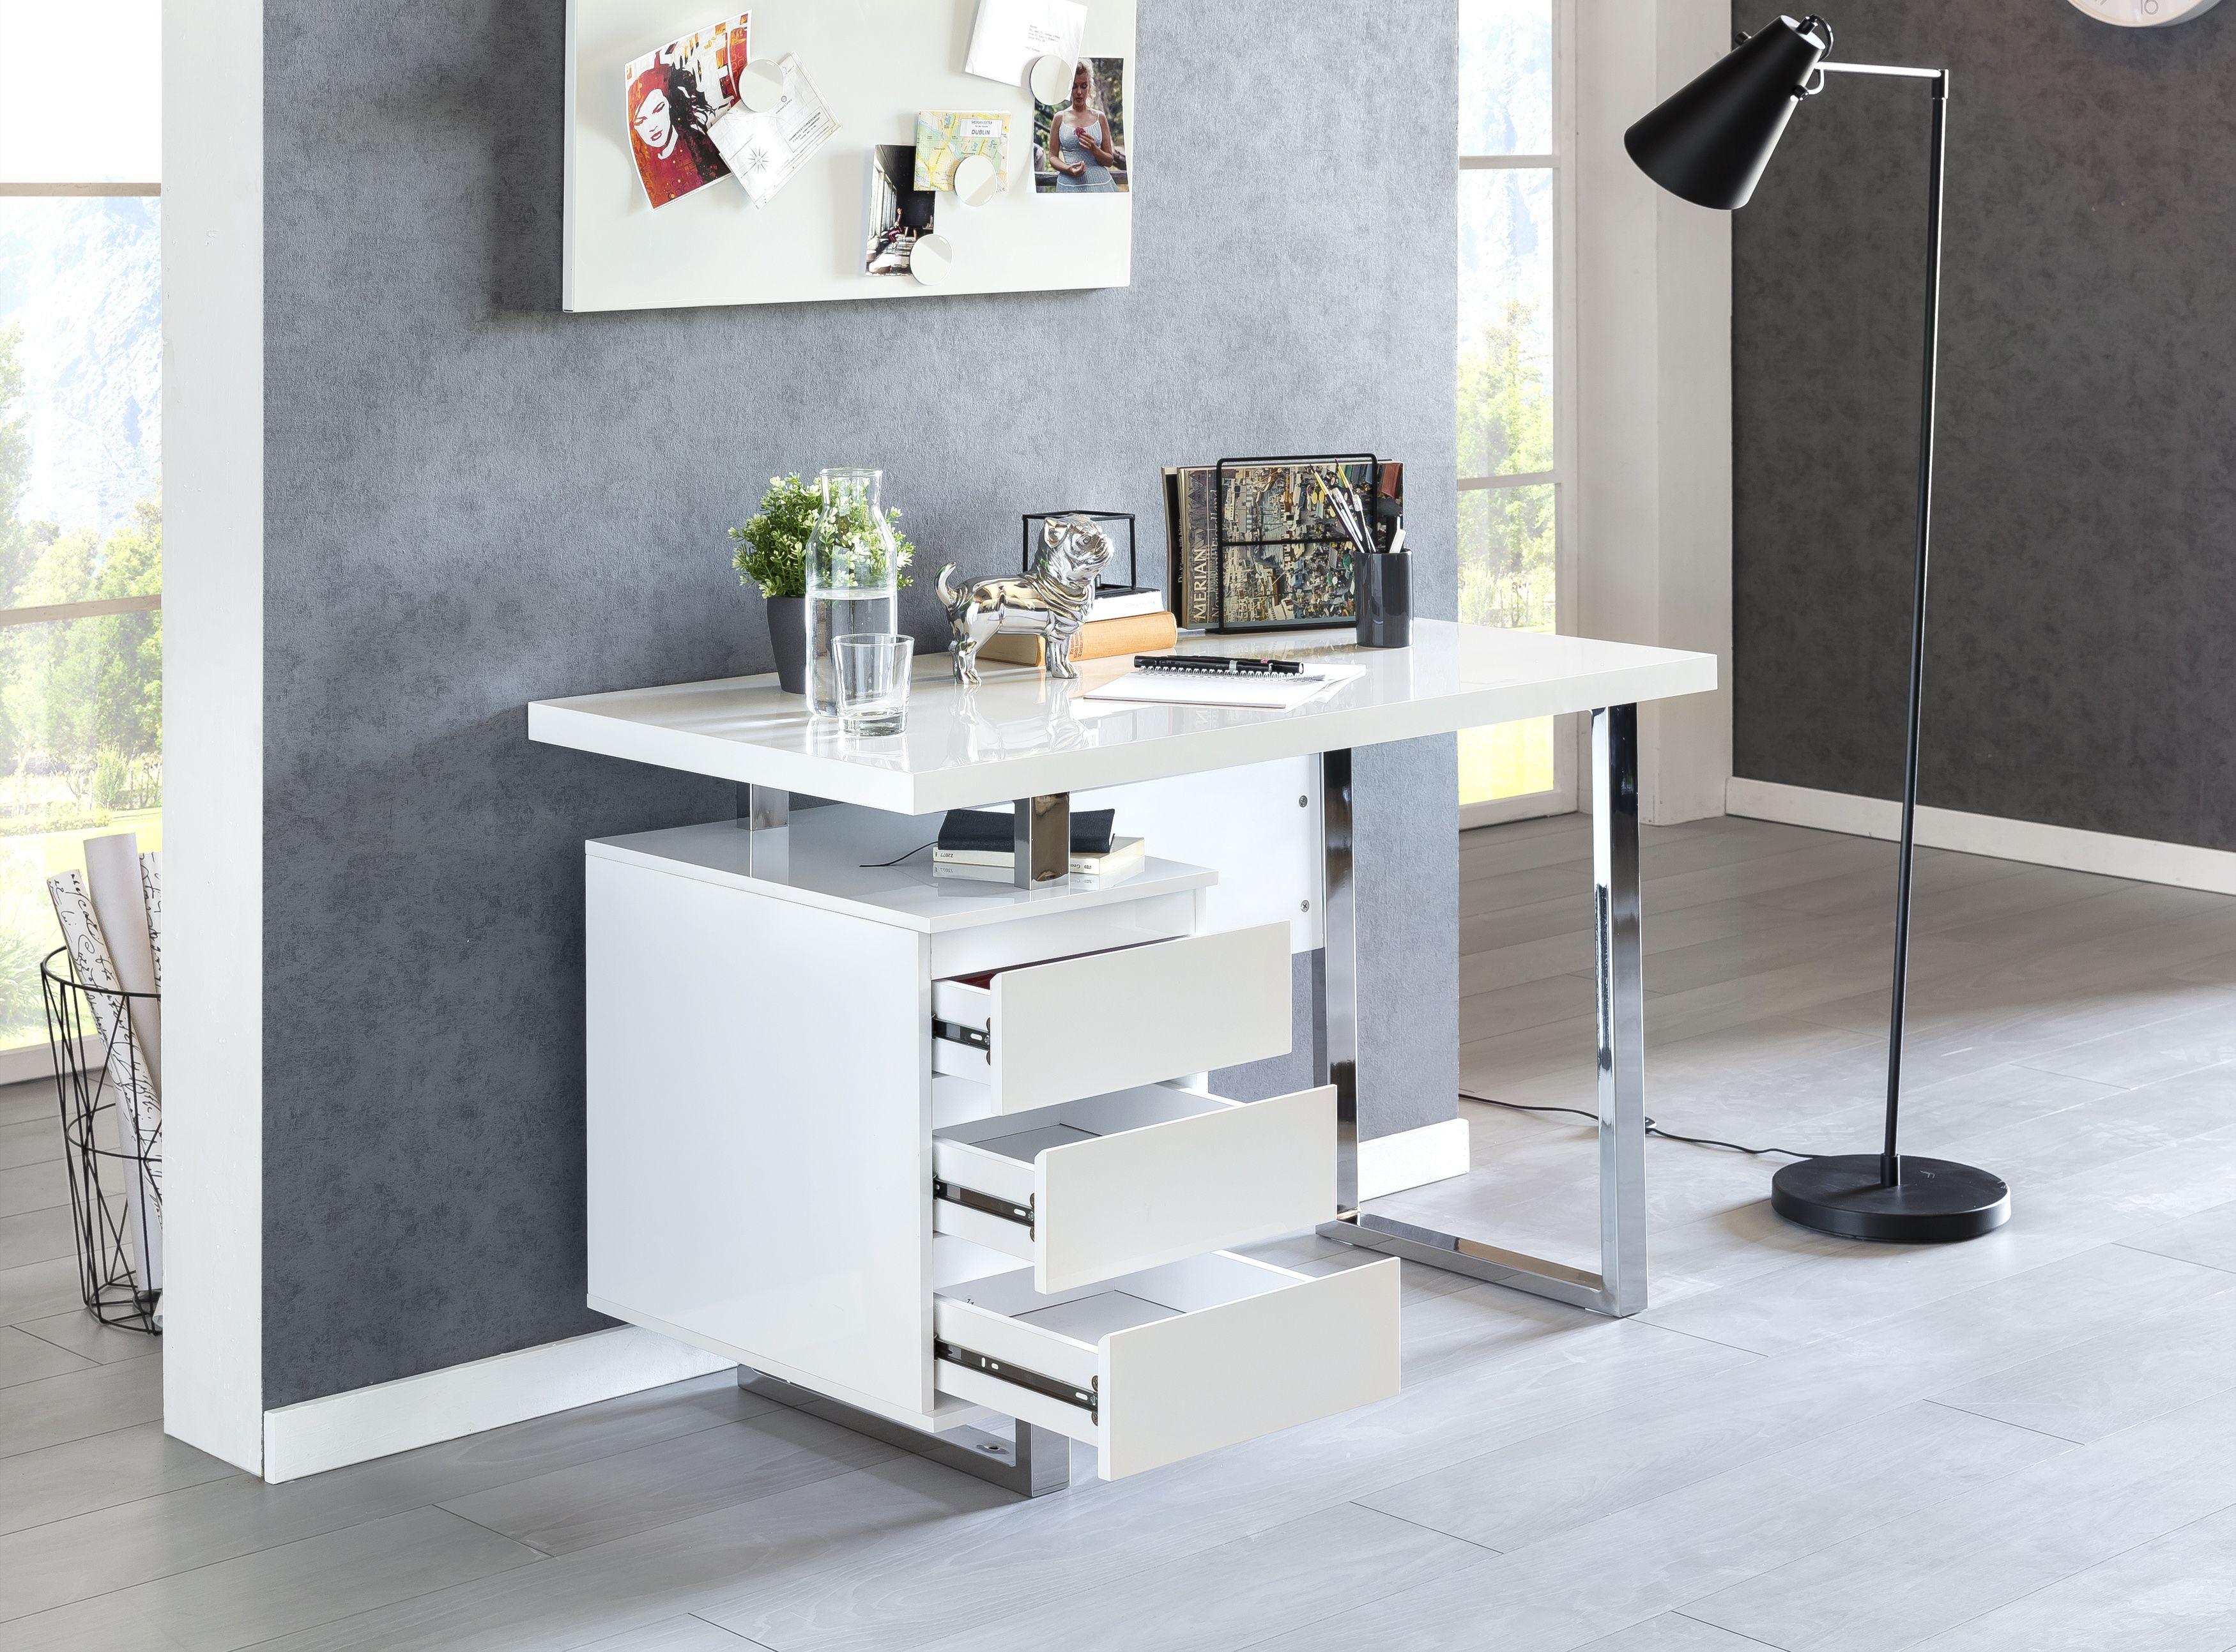 Wohnling Schreibtisch Patty Weiss Hochglanz Wl5 528 Aus Mdf Und